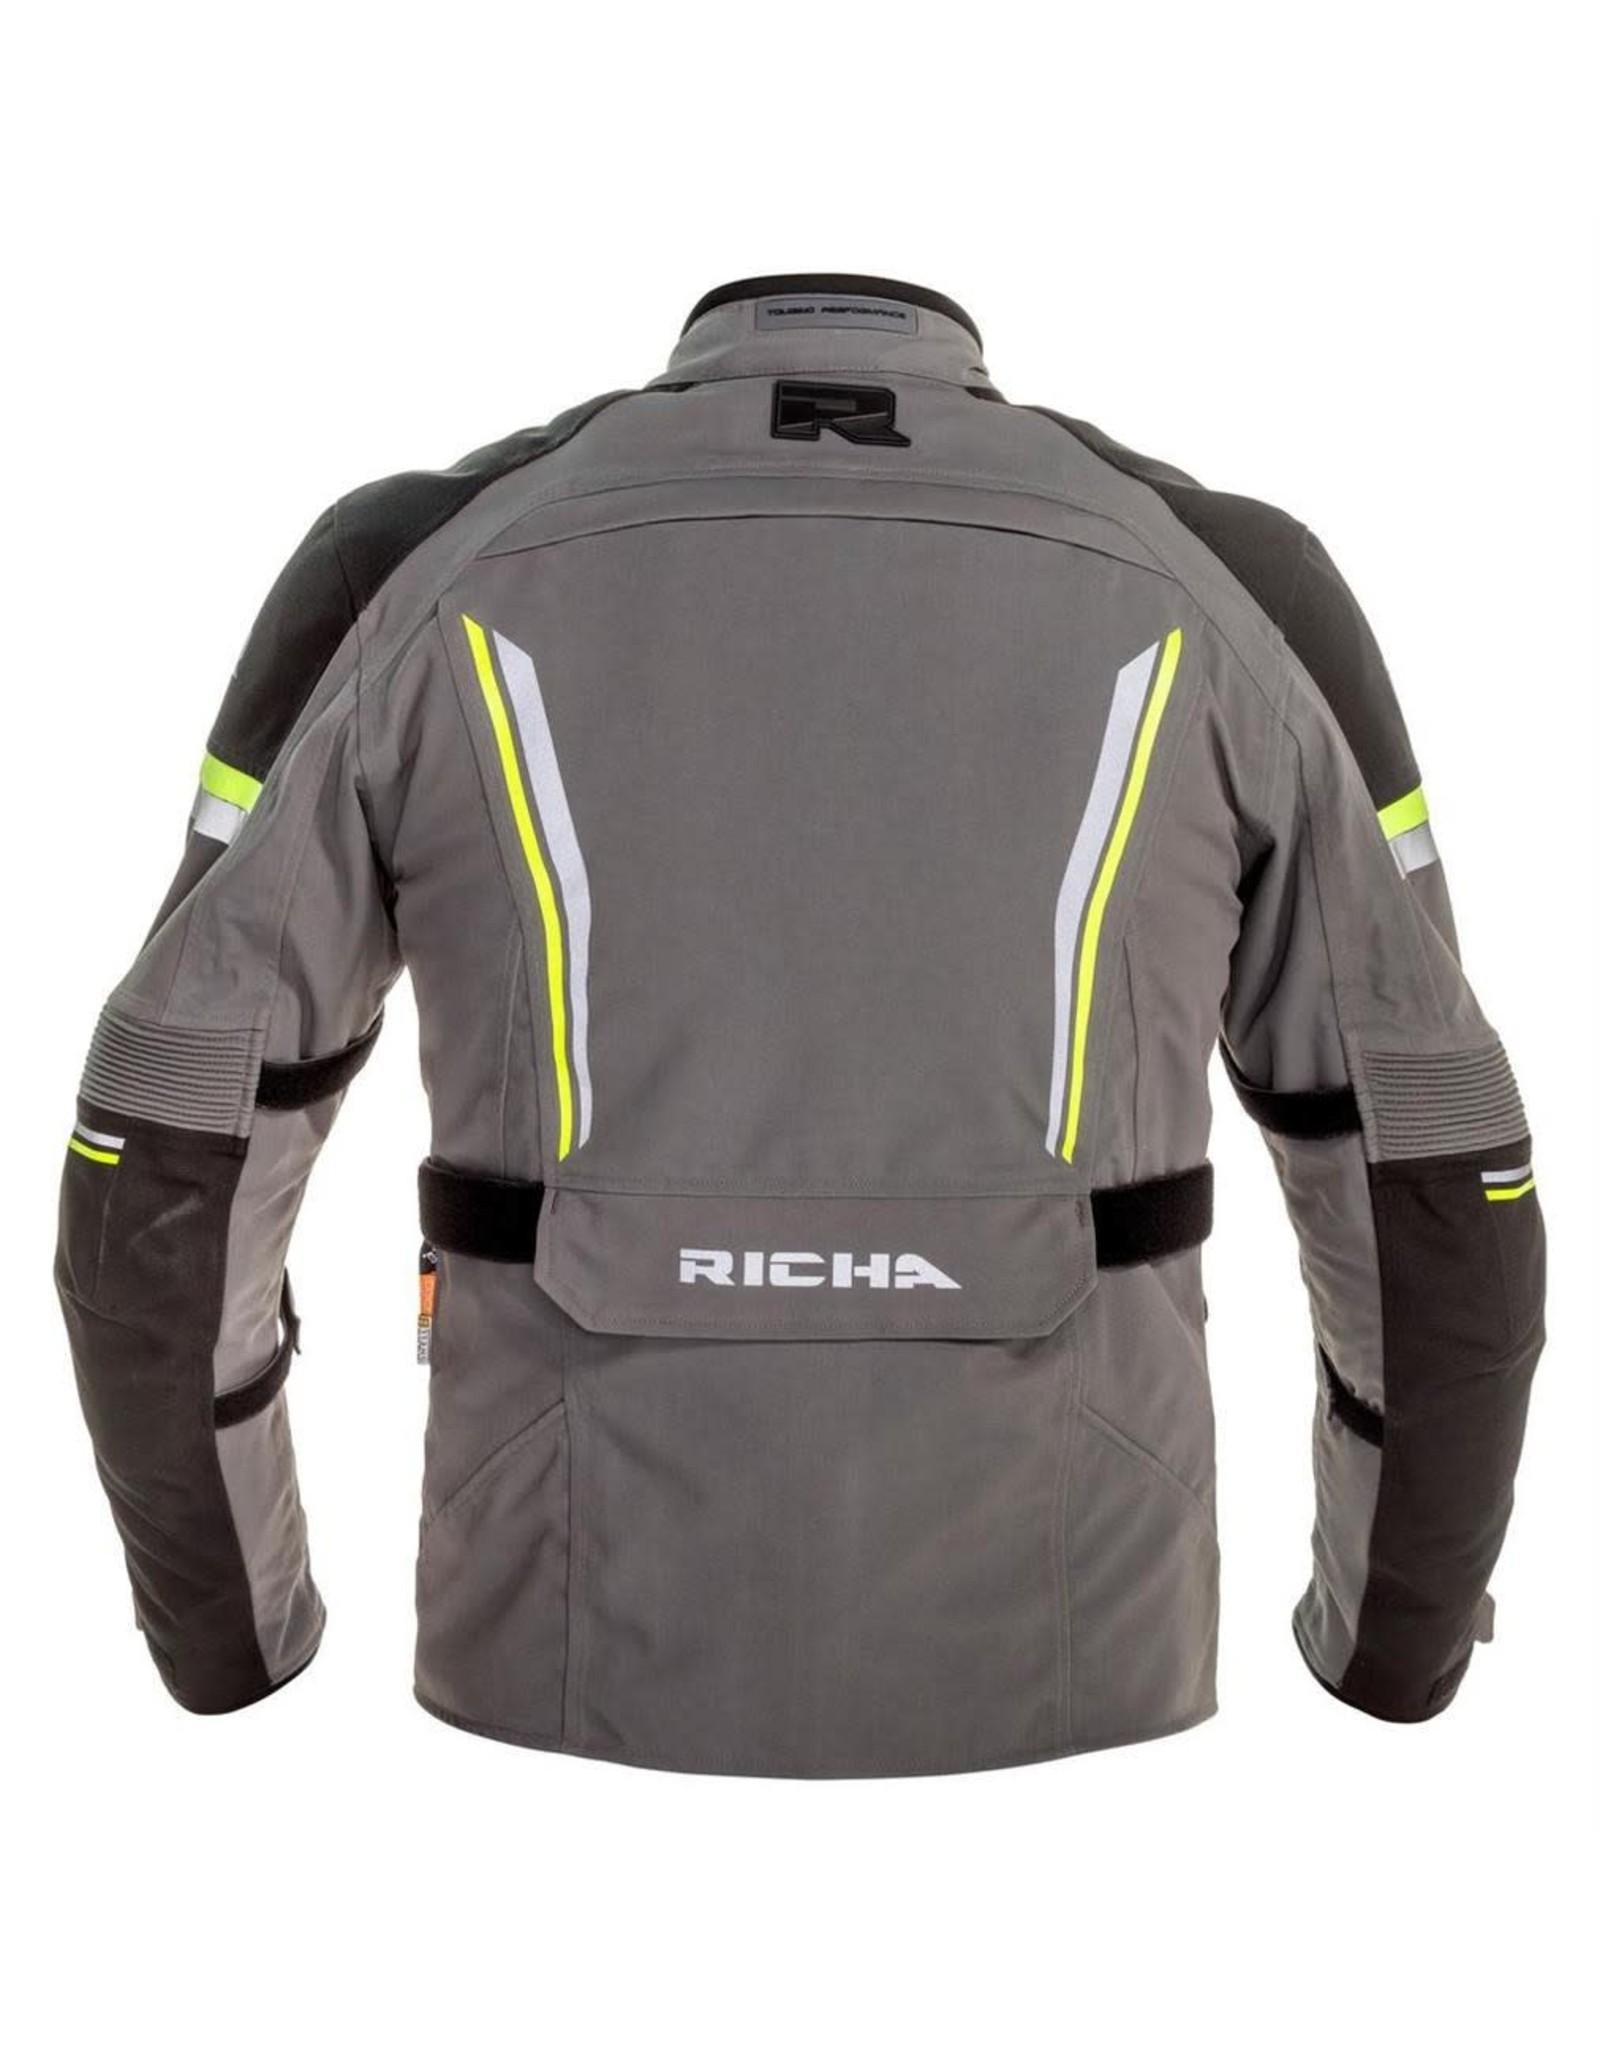 Richa Richa Infinity 2 PRO Jack